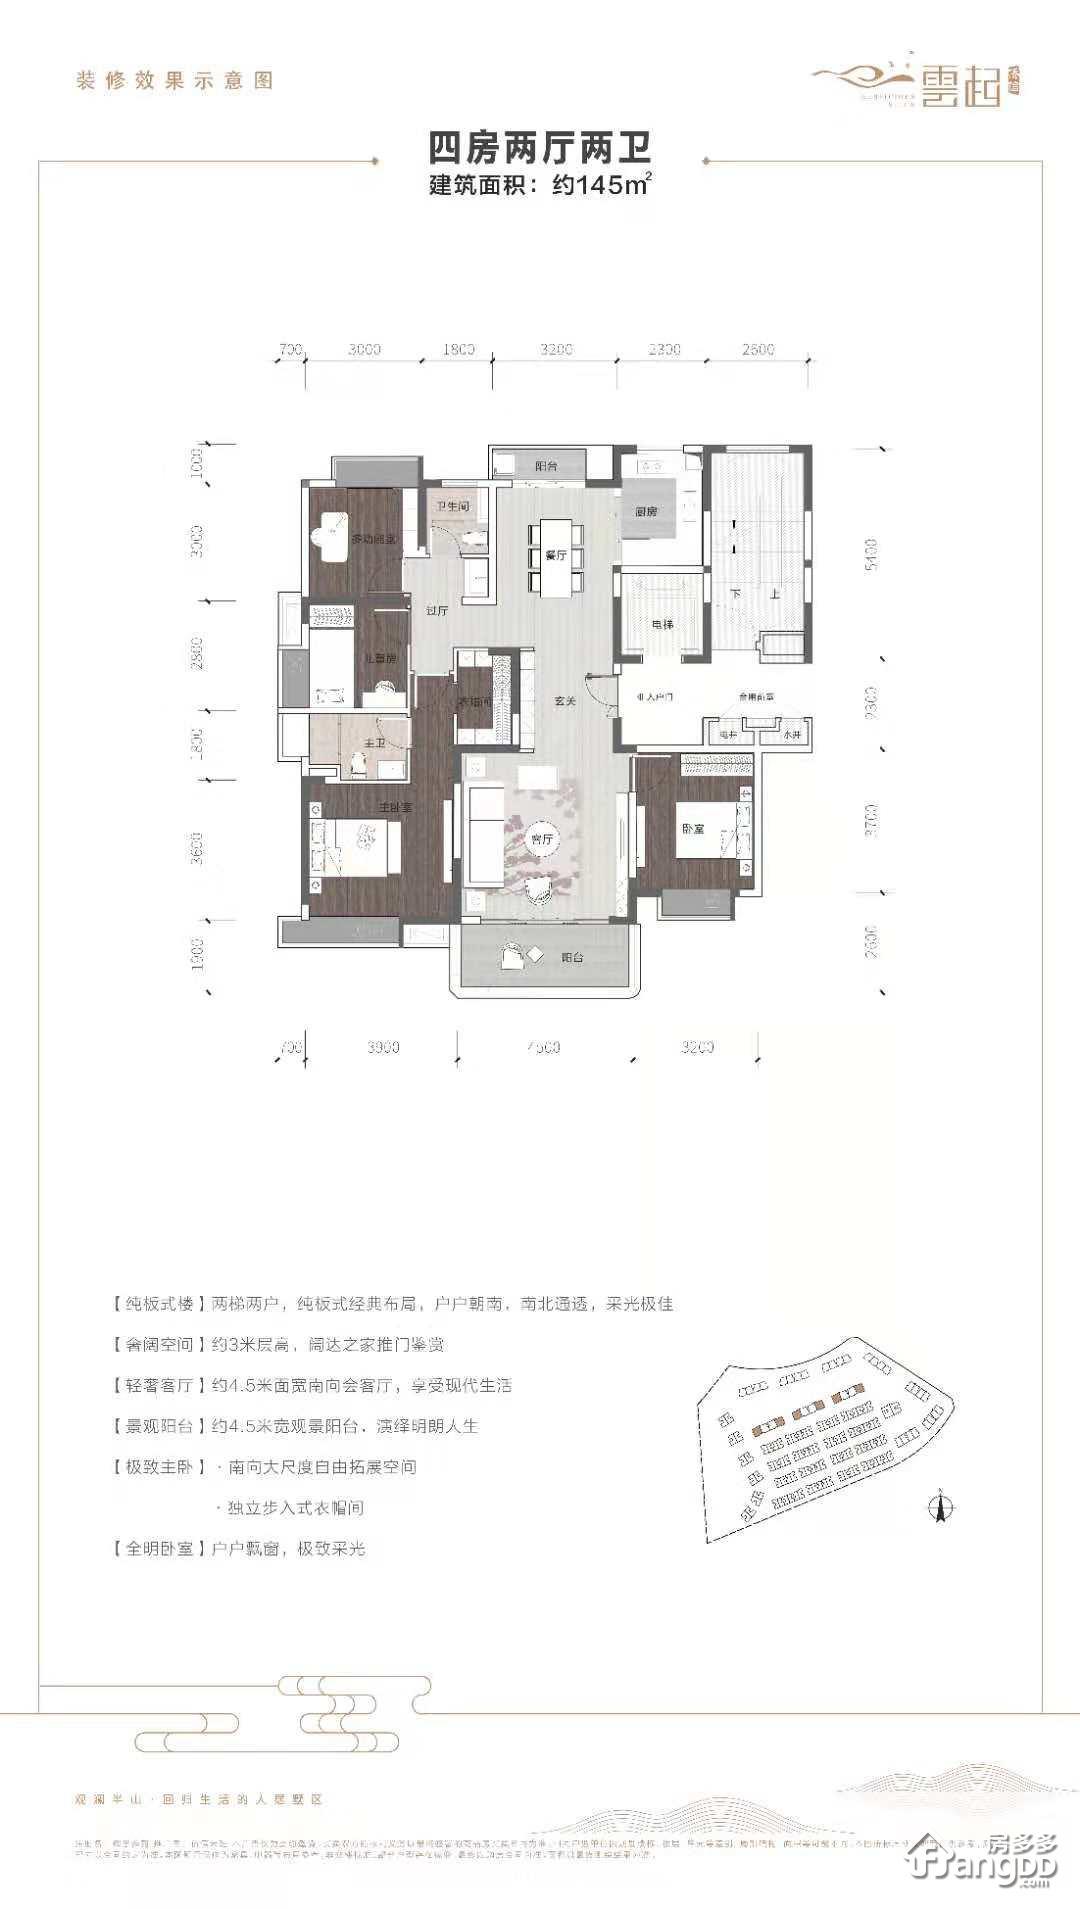 侨信云起4室2厅2卫户型图